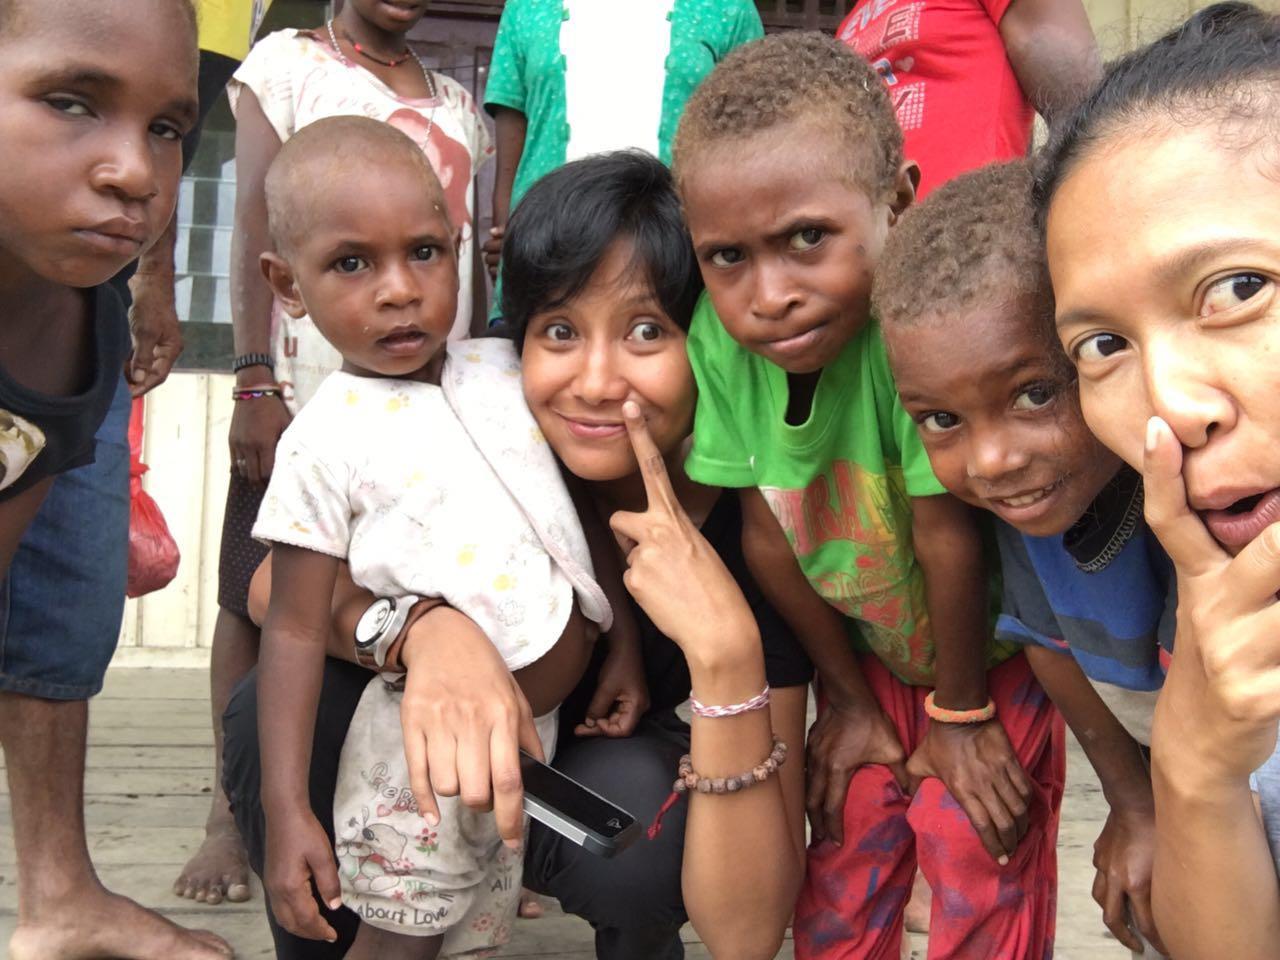 bersama anak-anak di desa salah satu desa yang berada di distrik suator, regensi asmat, papua barat, selagi menunggu kapal kayu yang kami tumpangi diperbaiki.